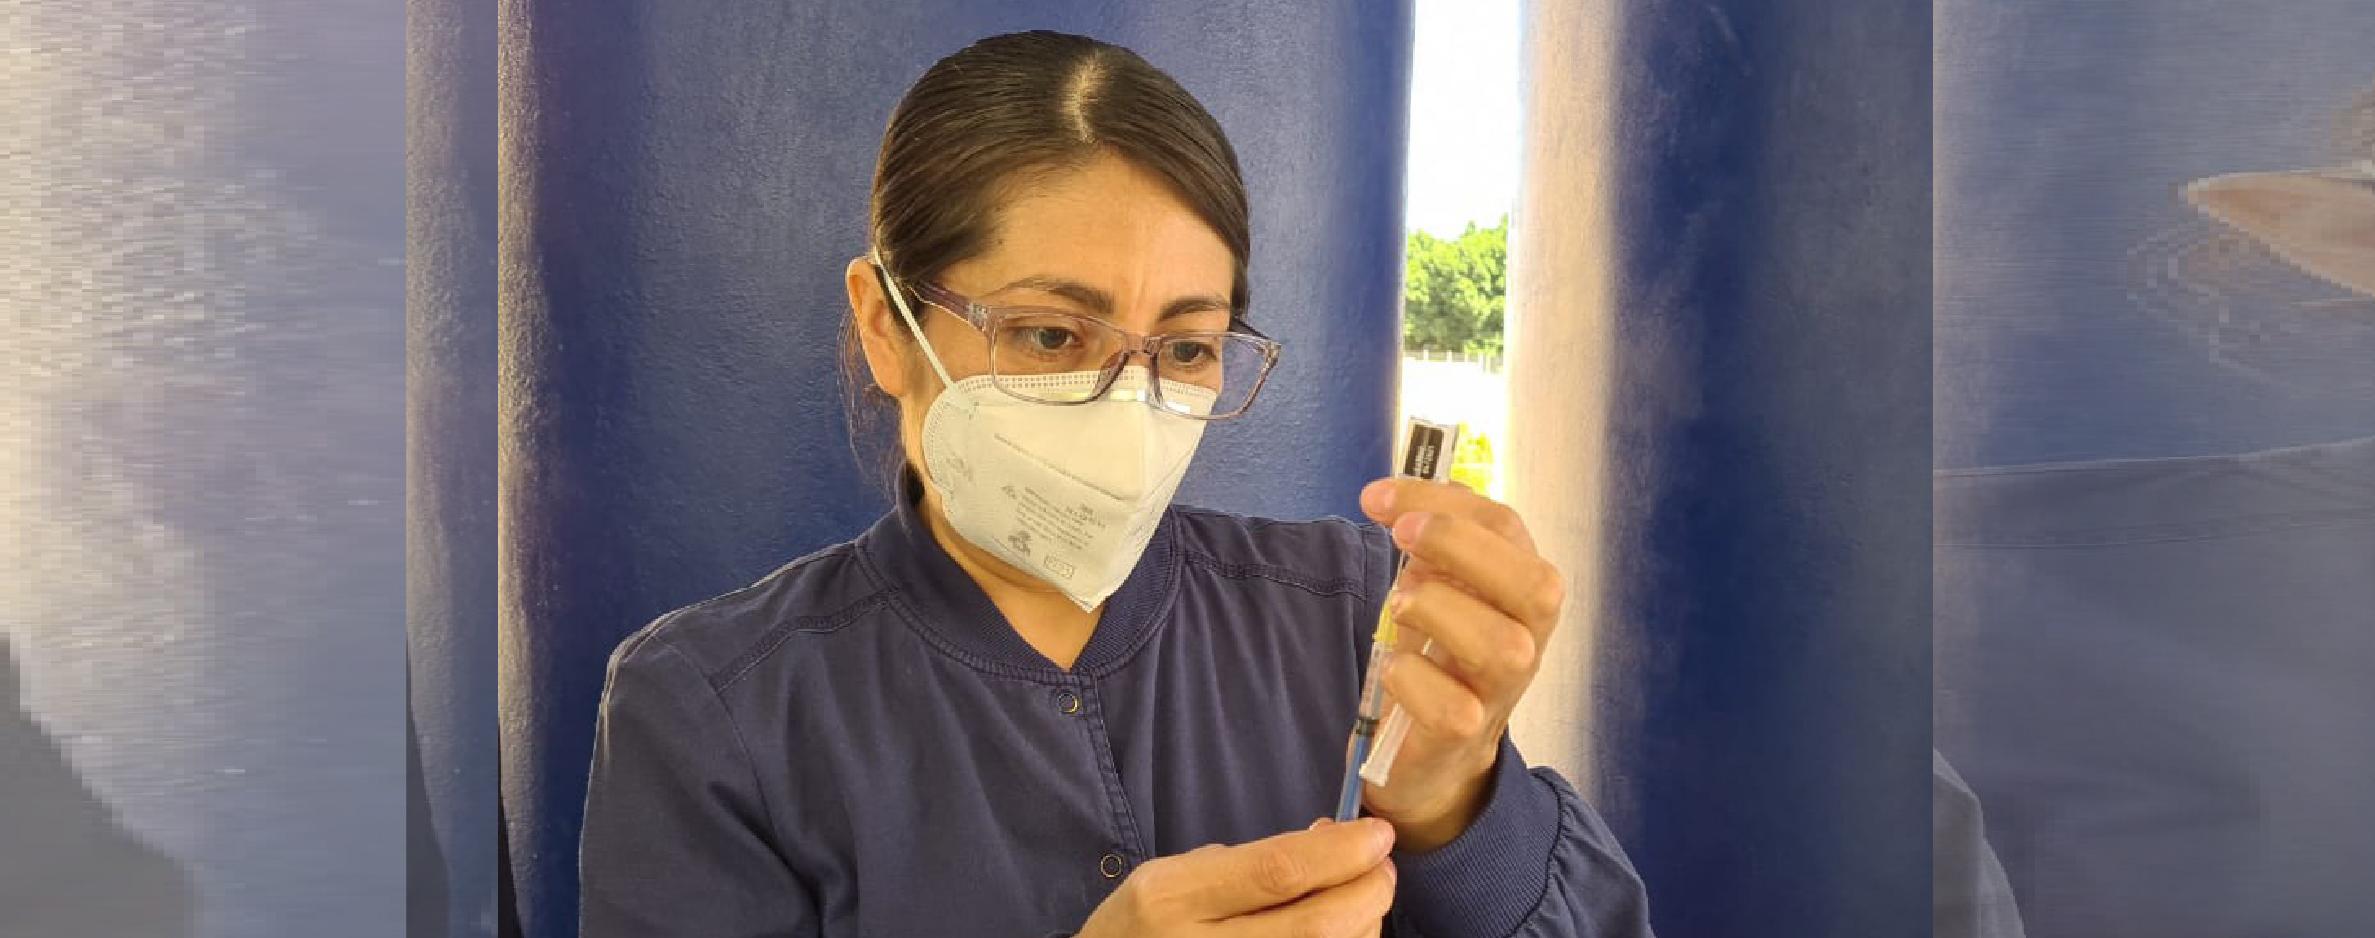 Continúa SSO vacunación contra COVID-19 a personal de salud.